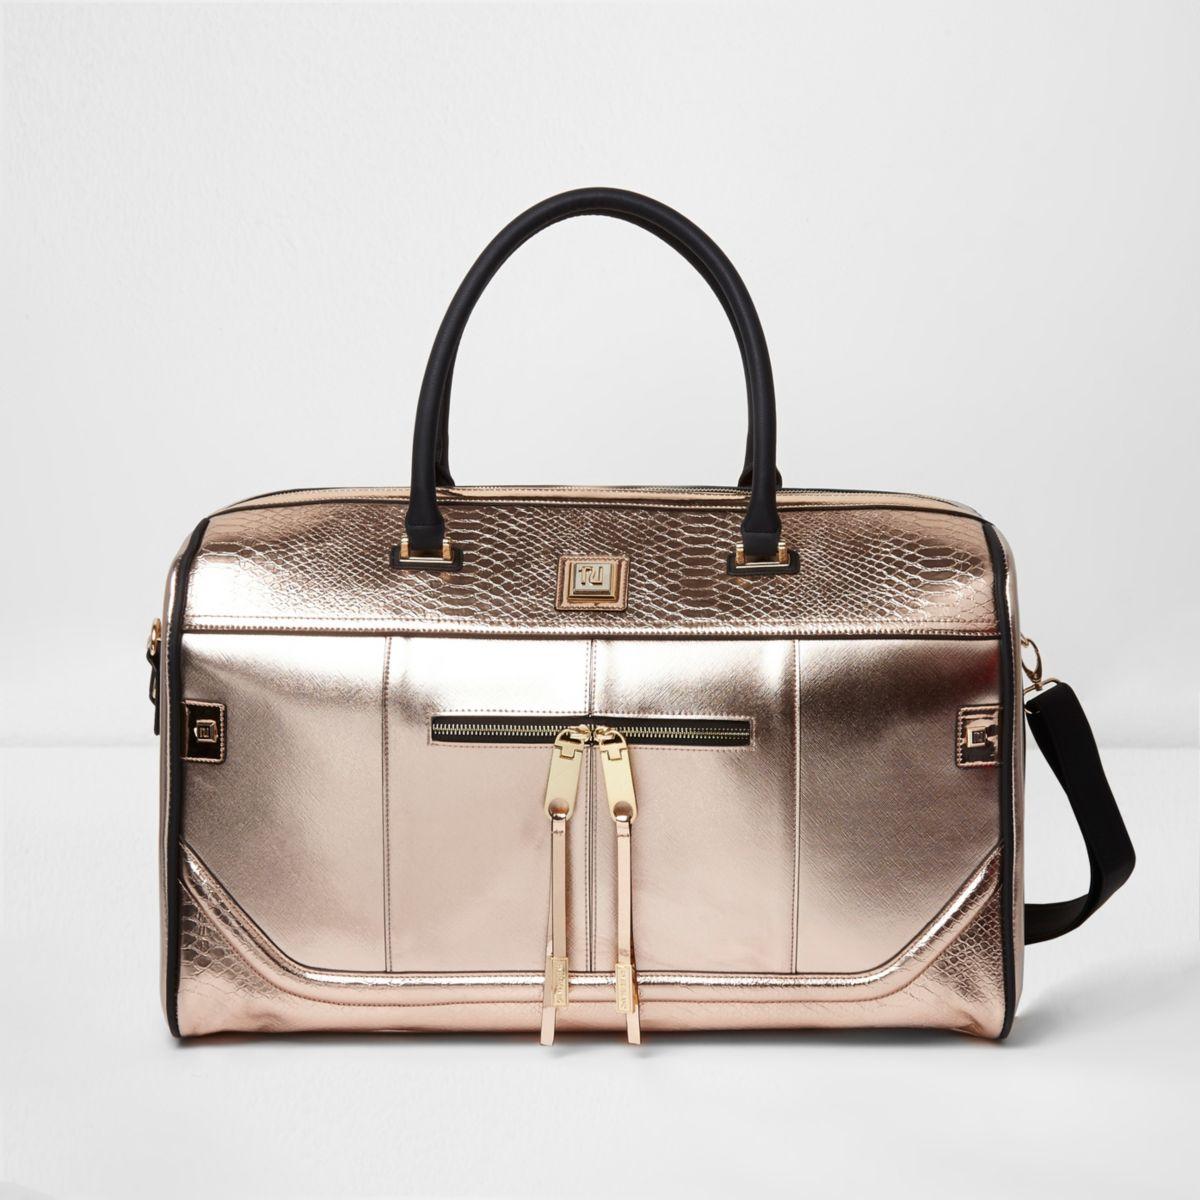 Rose gold metallic weekend bag